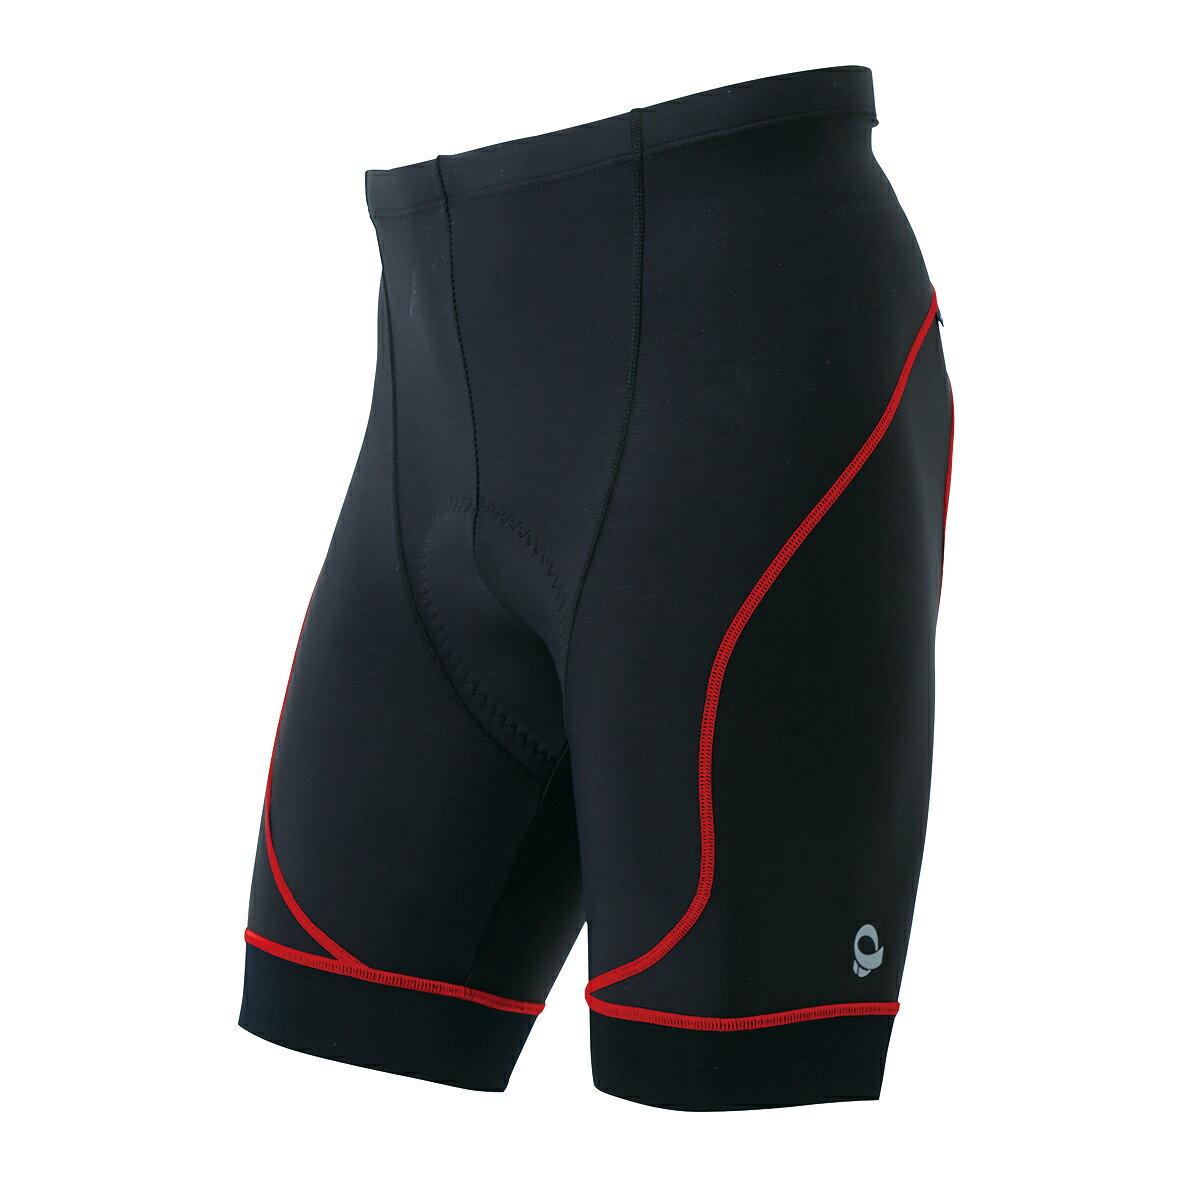 【7號公園自行車】日本 PEARL IZUMI 220-3D-7 男3D涼感抗UV短車褲(紅邊)